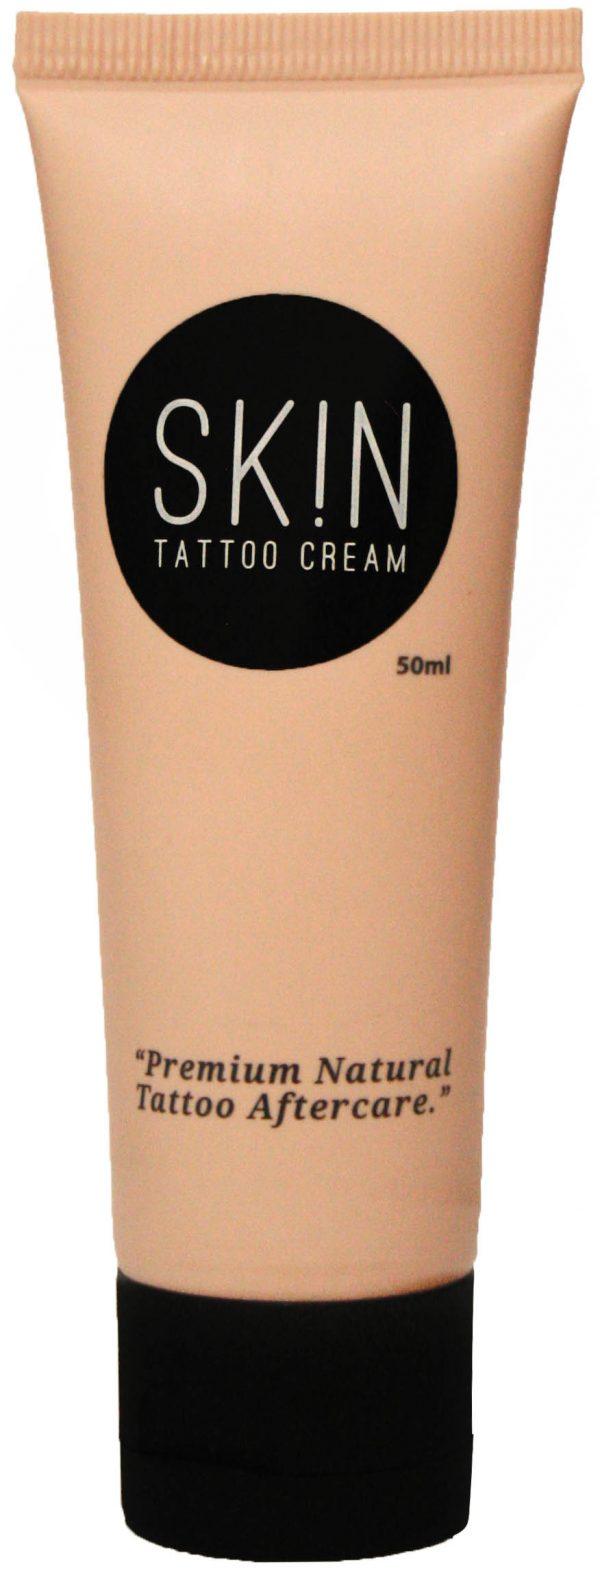 SK!N Tattoo cream 50ml